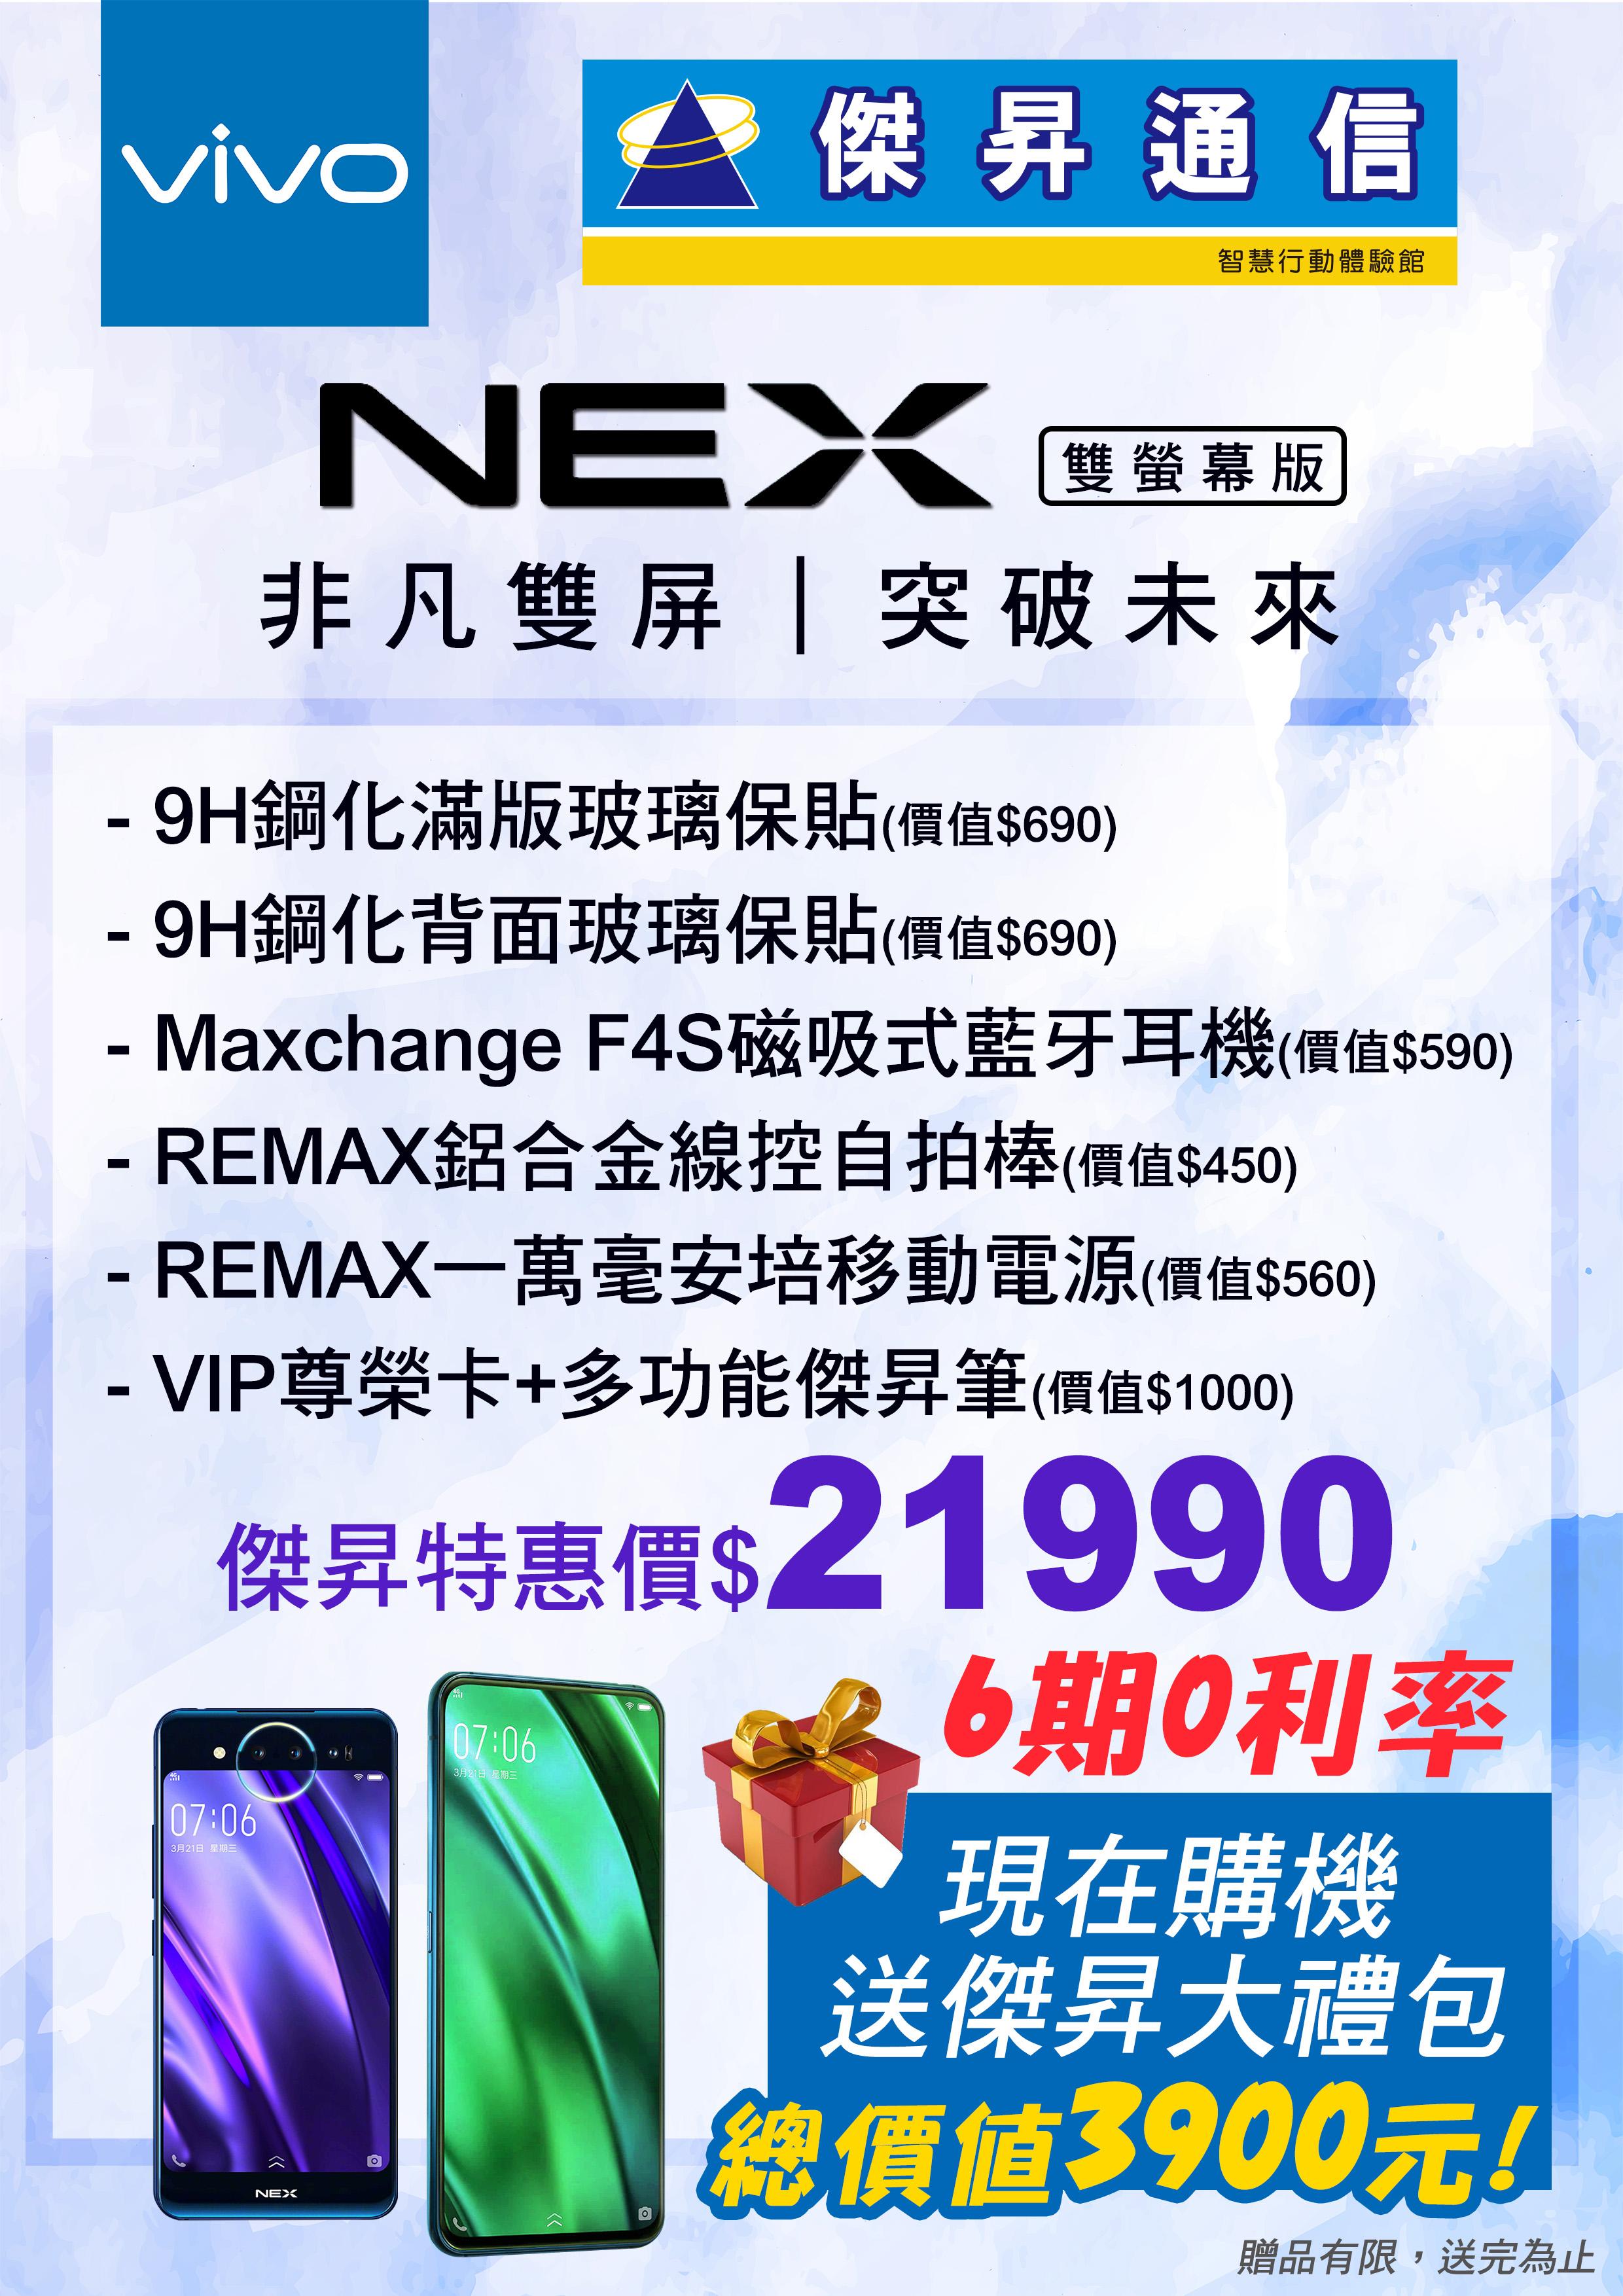 A4工具圖檔-vivo NEX雙螢幕版_1080603